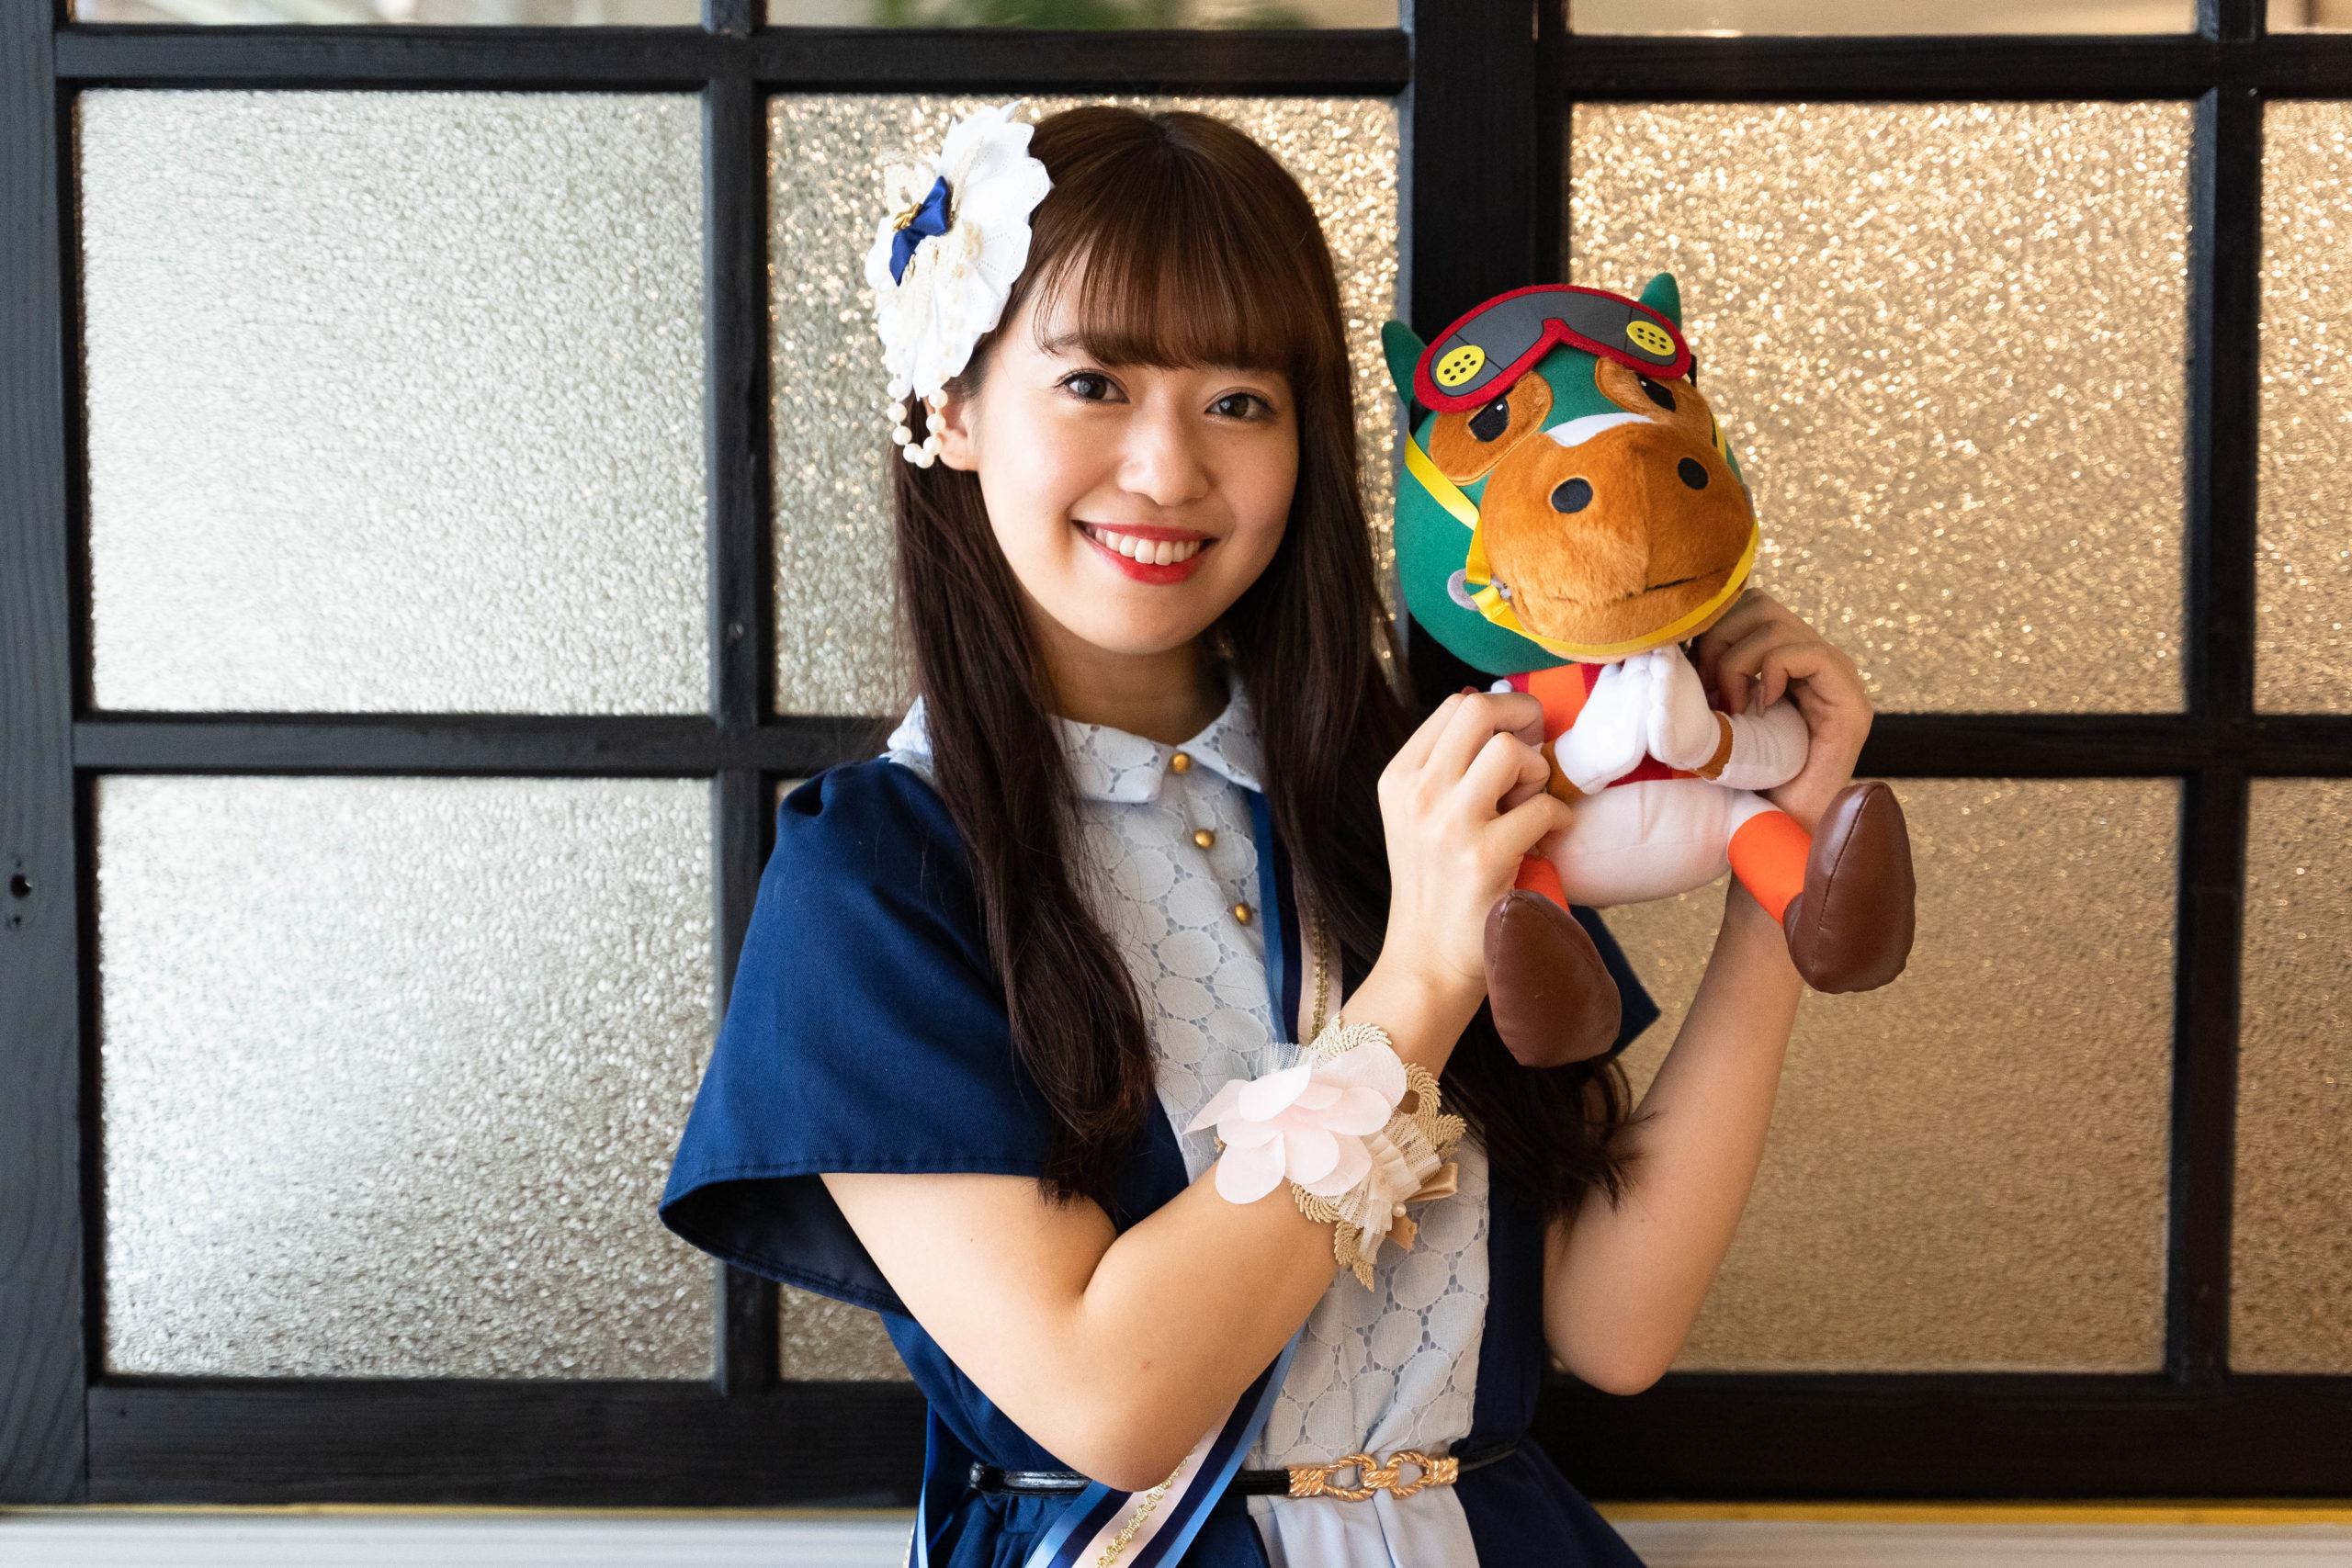 [インタビュー]馬事文化を広めたい!桜花のキセキ・成瀬琴さん独占インタビュー